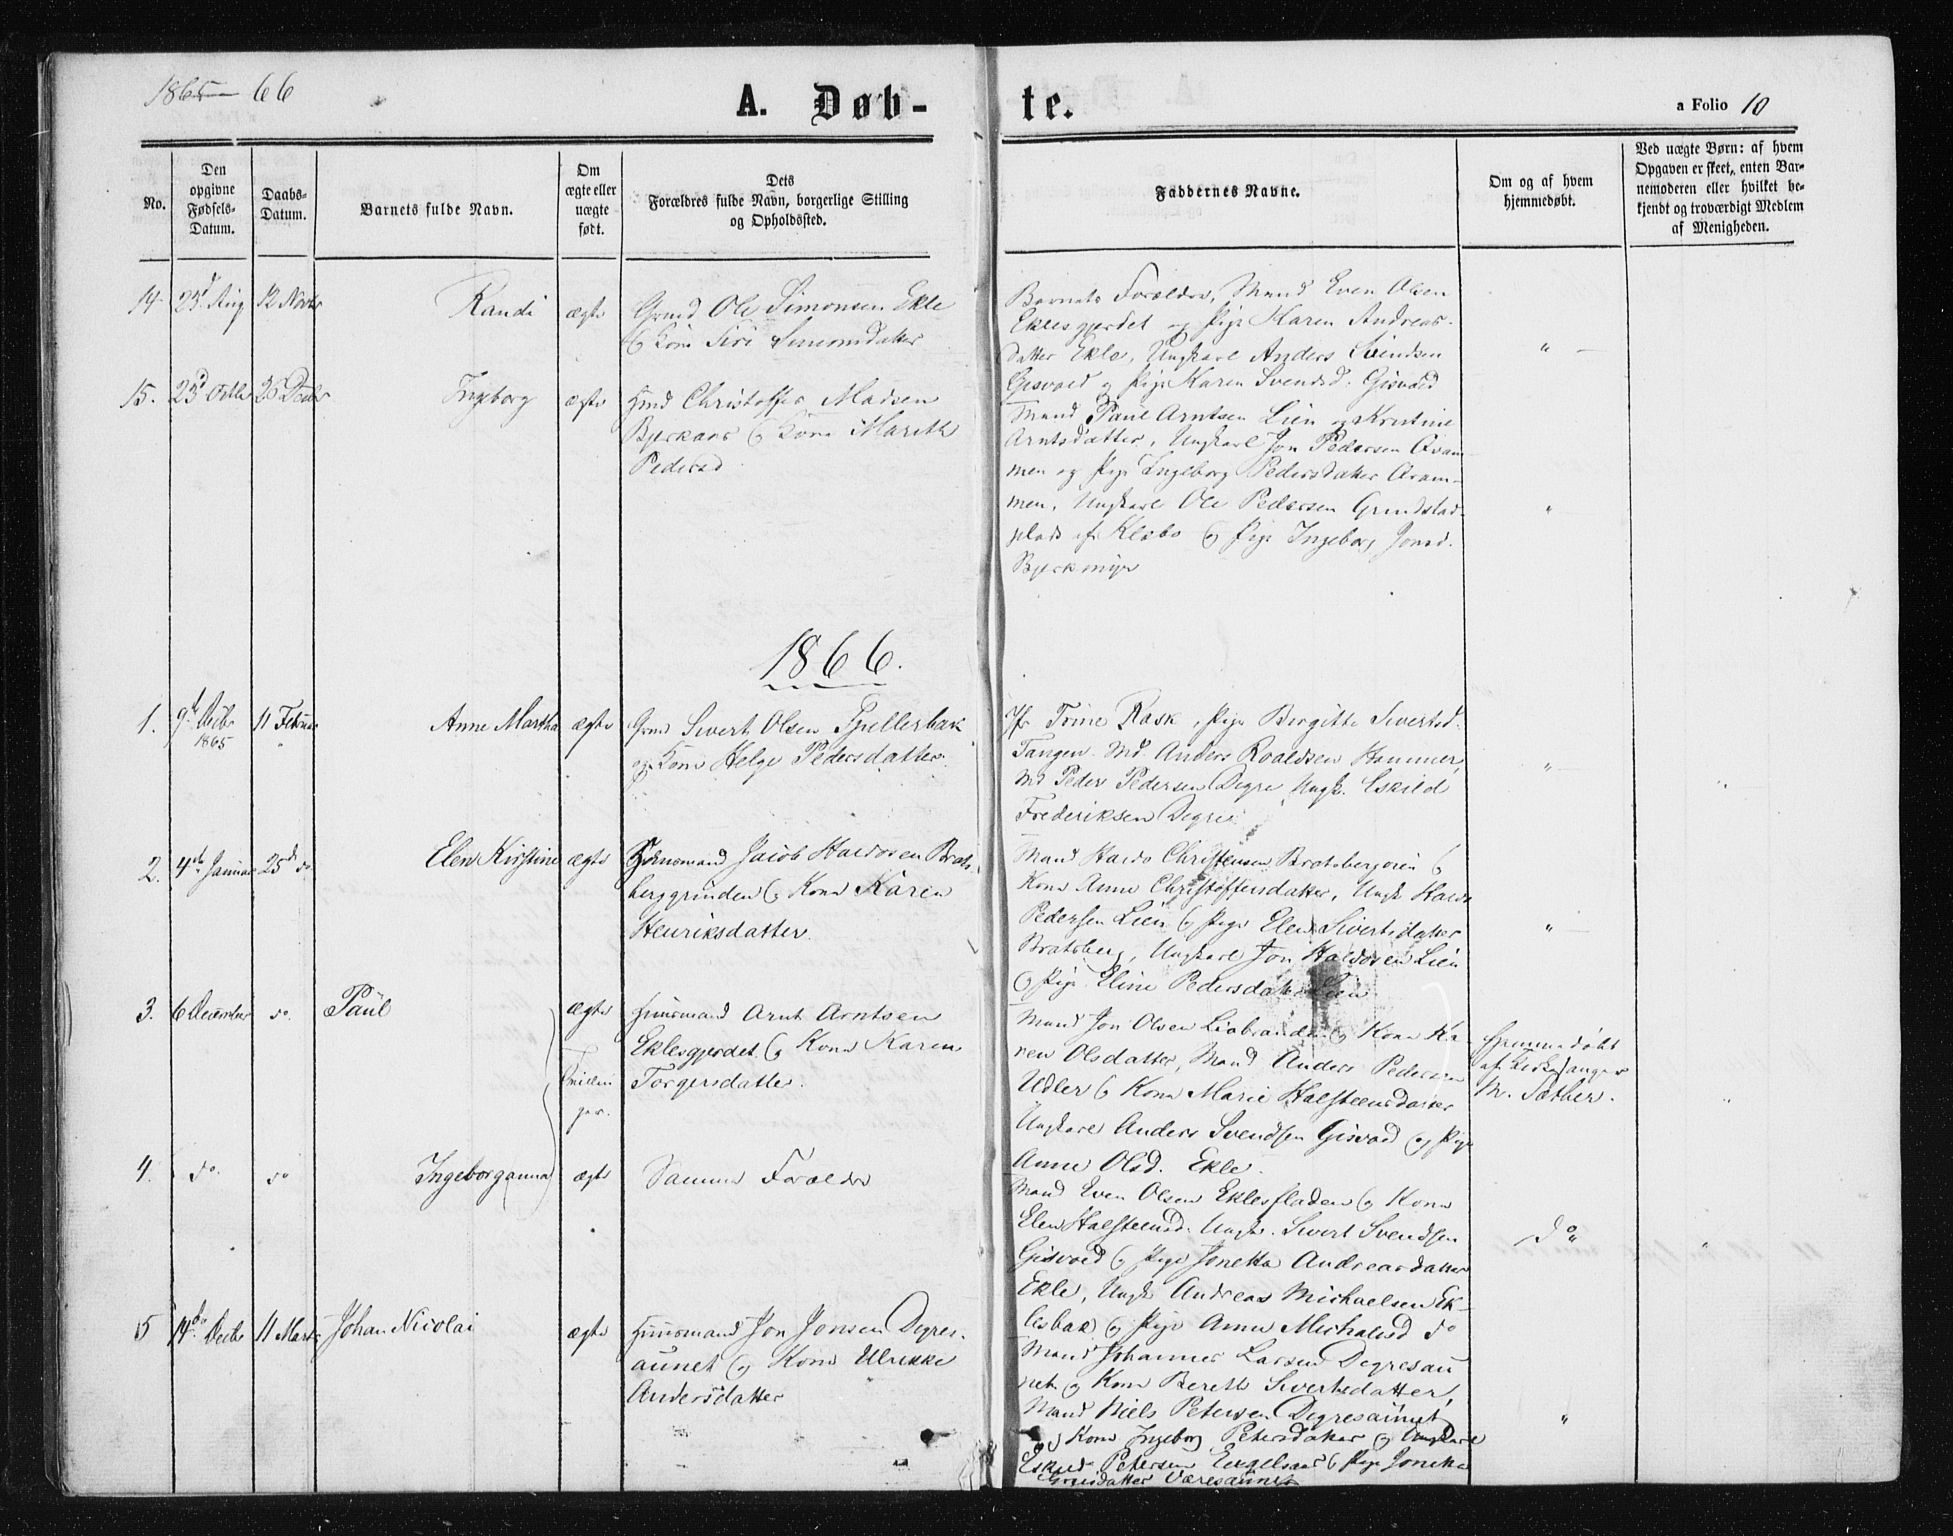 SAT, Ministerialprotokoller, klokkerbøker og fødselsregistre - Sør-Trøndelag, 608/L0333: Ministerialbok nr. 608A02, 1862-1876, s. 10